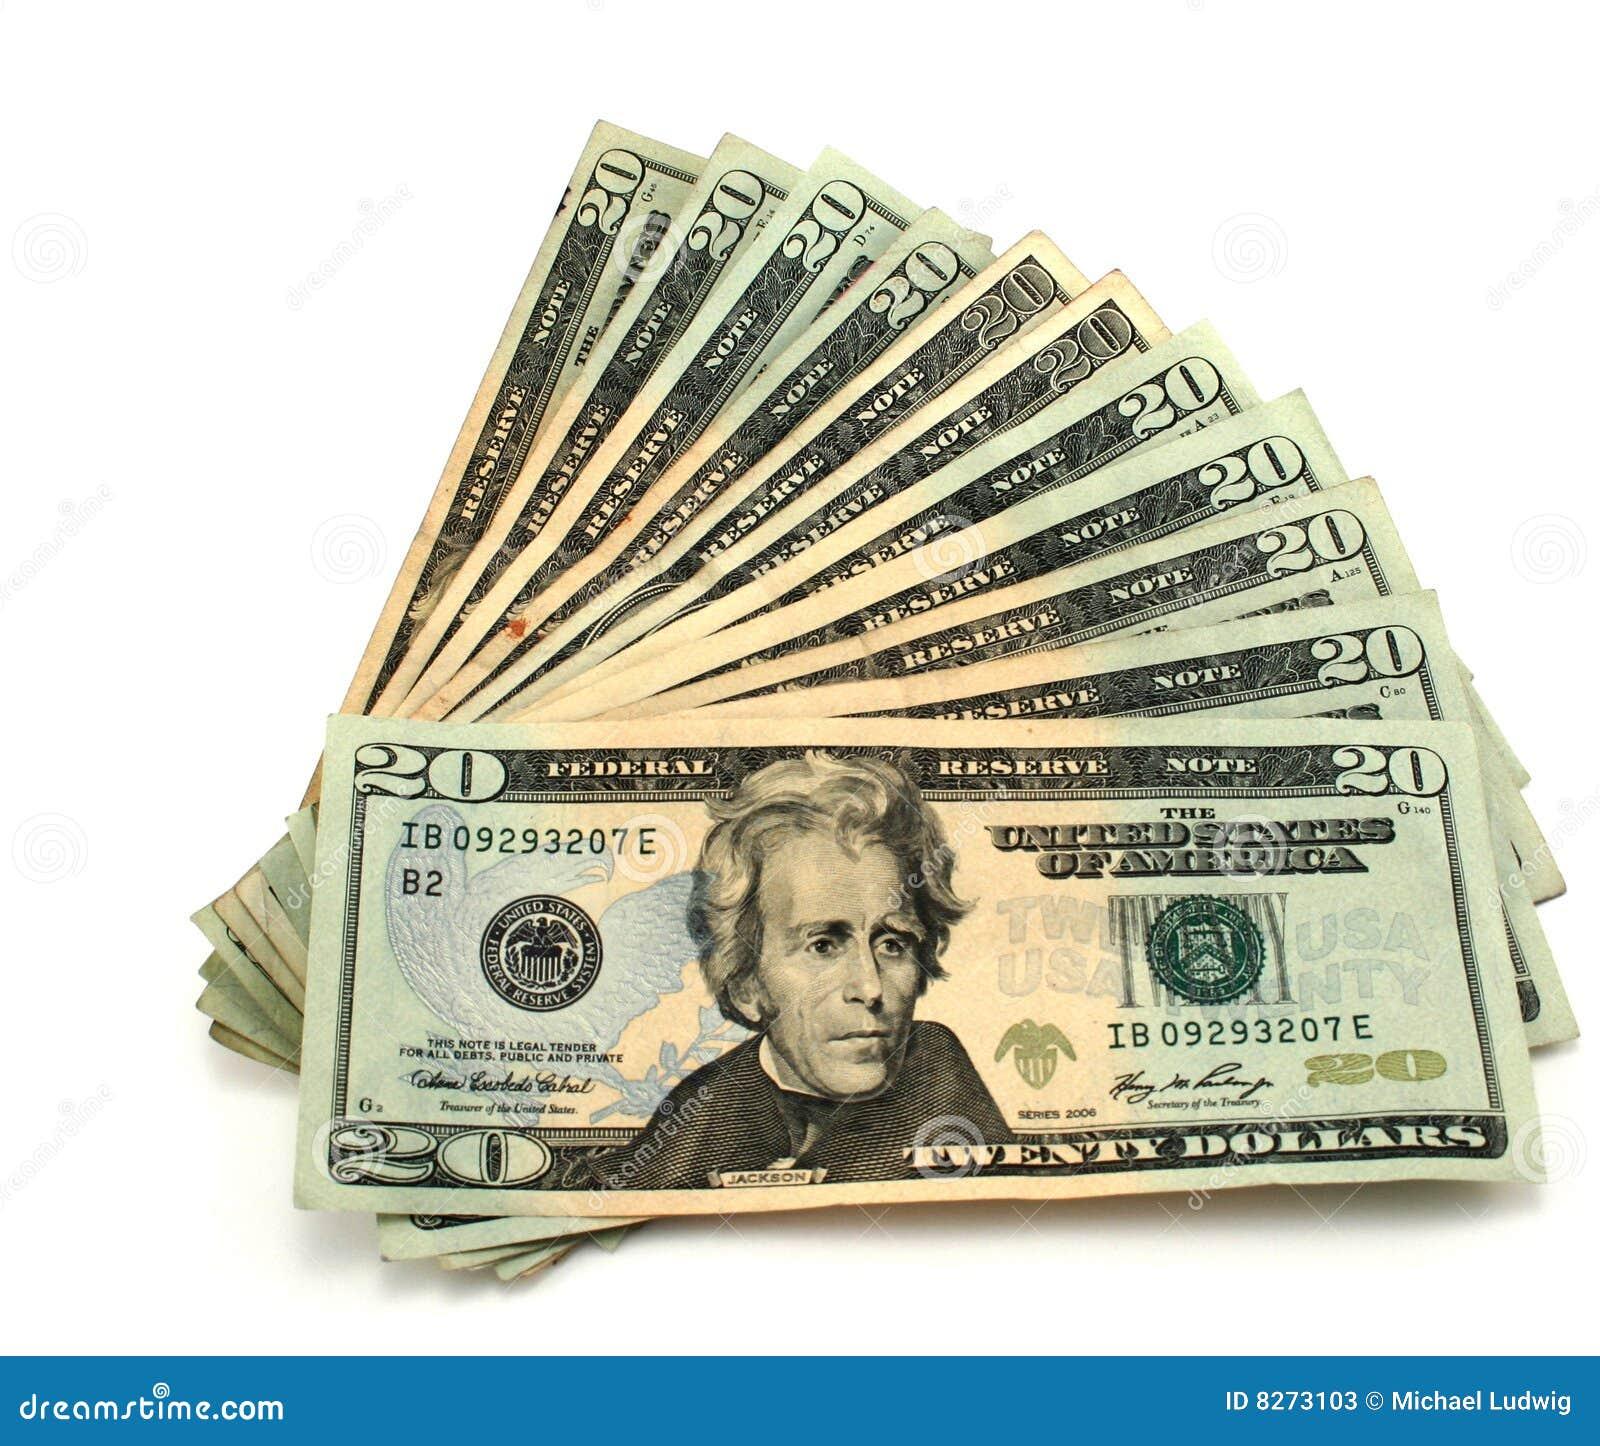 us money stock photos image 8273103 dollar bill clip art free printable dollar bill clipart trinidad money